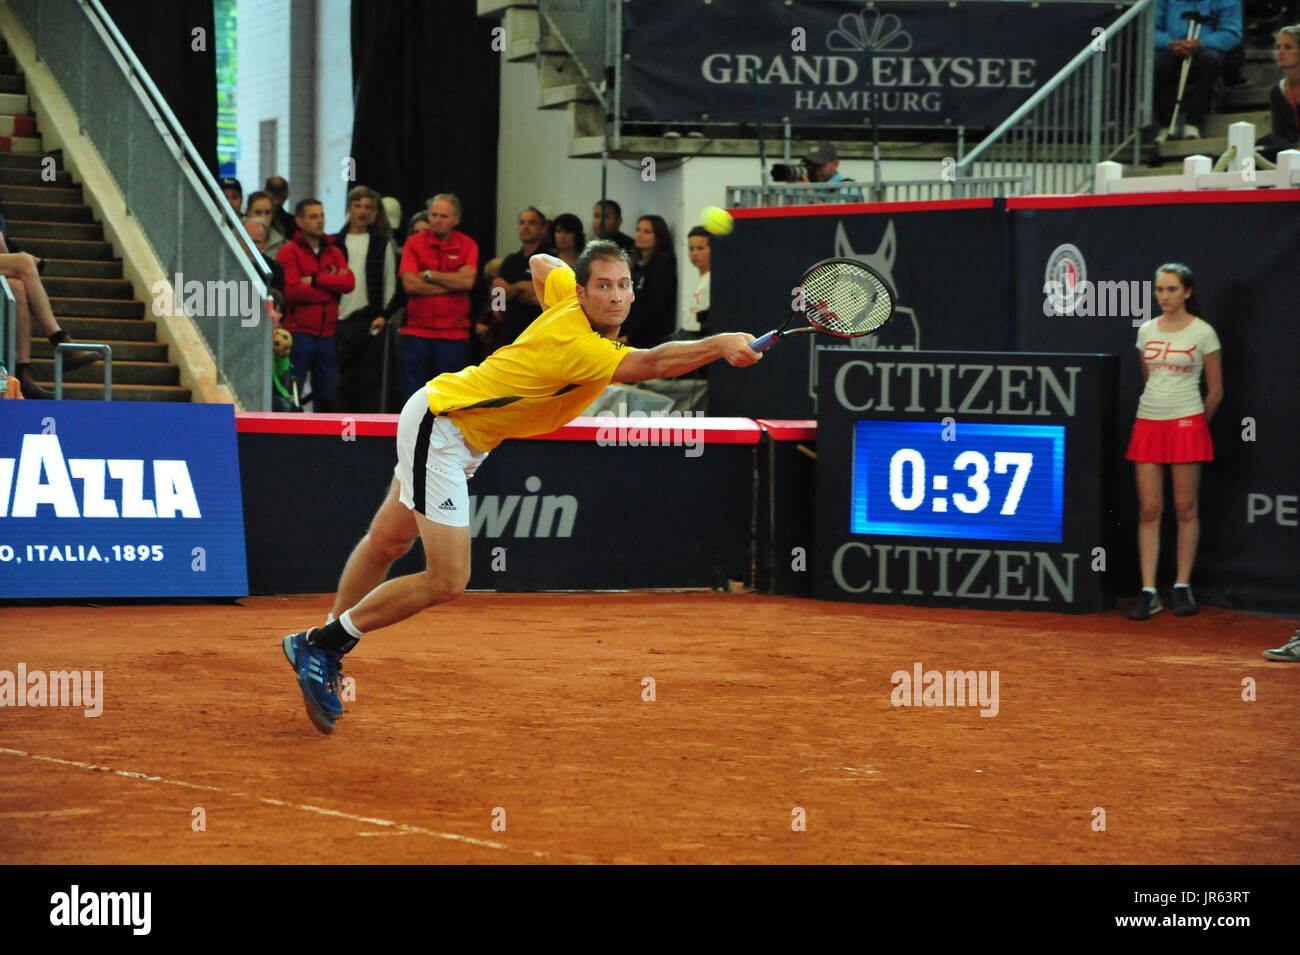 German Open 2017, ATP World Tour, Florian Mayer (GER) im Halbfinale gegen Philipp Kohlschreiber (GER), Hamburg, Stock Photo